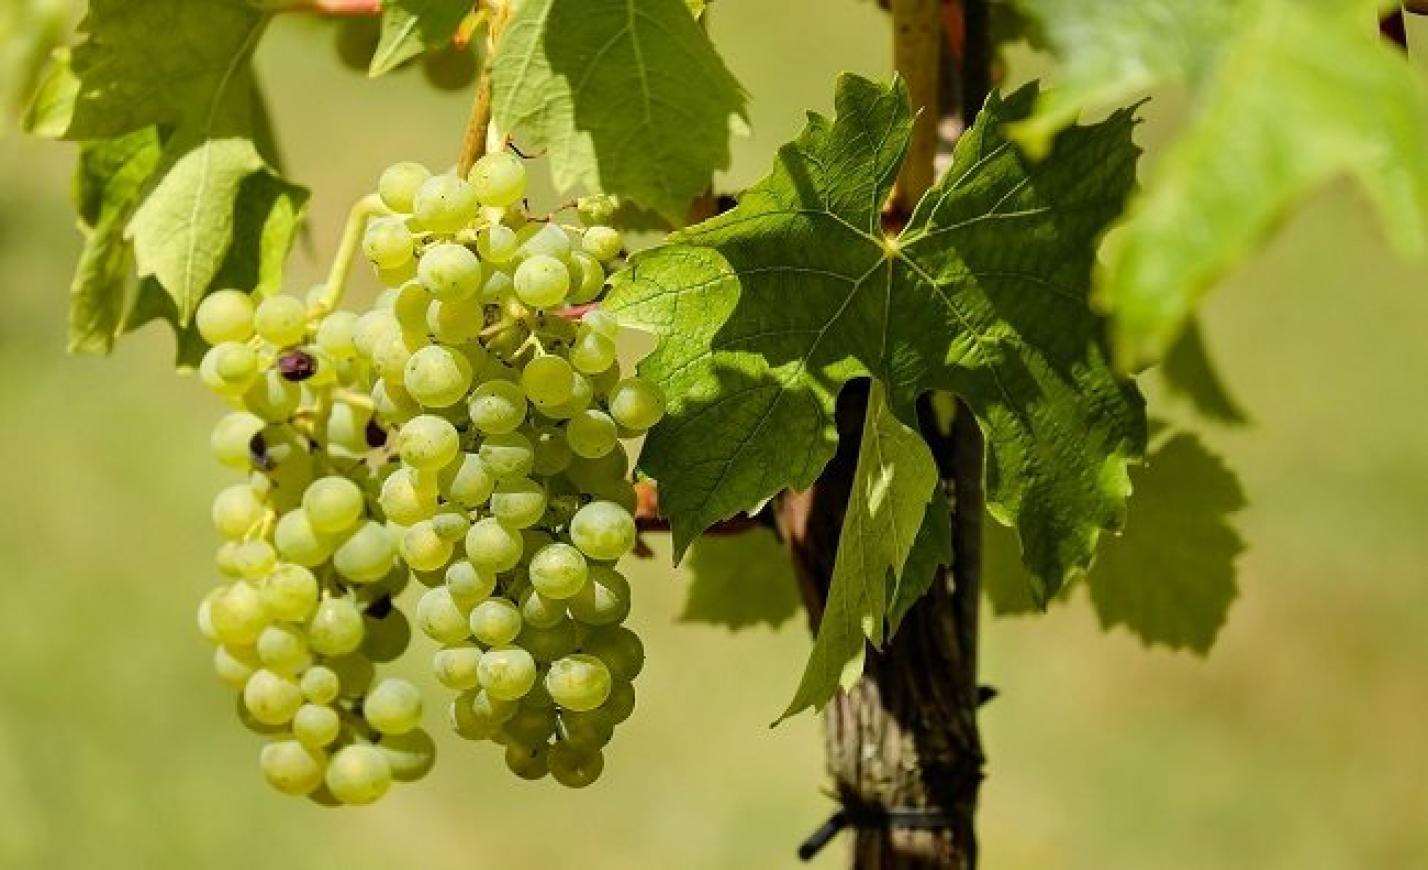 Nagy lehetőség áll a magyar élelmiszeripari és borászati ágazat előtt